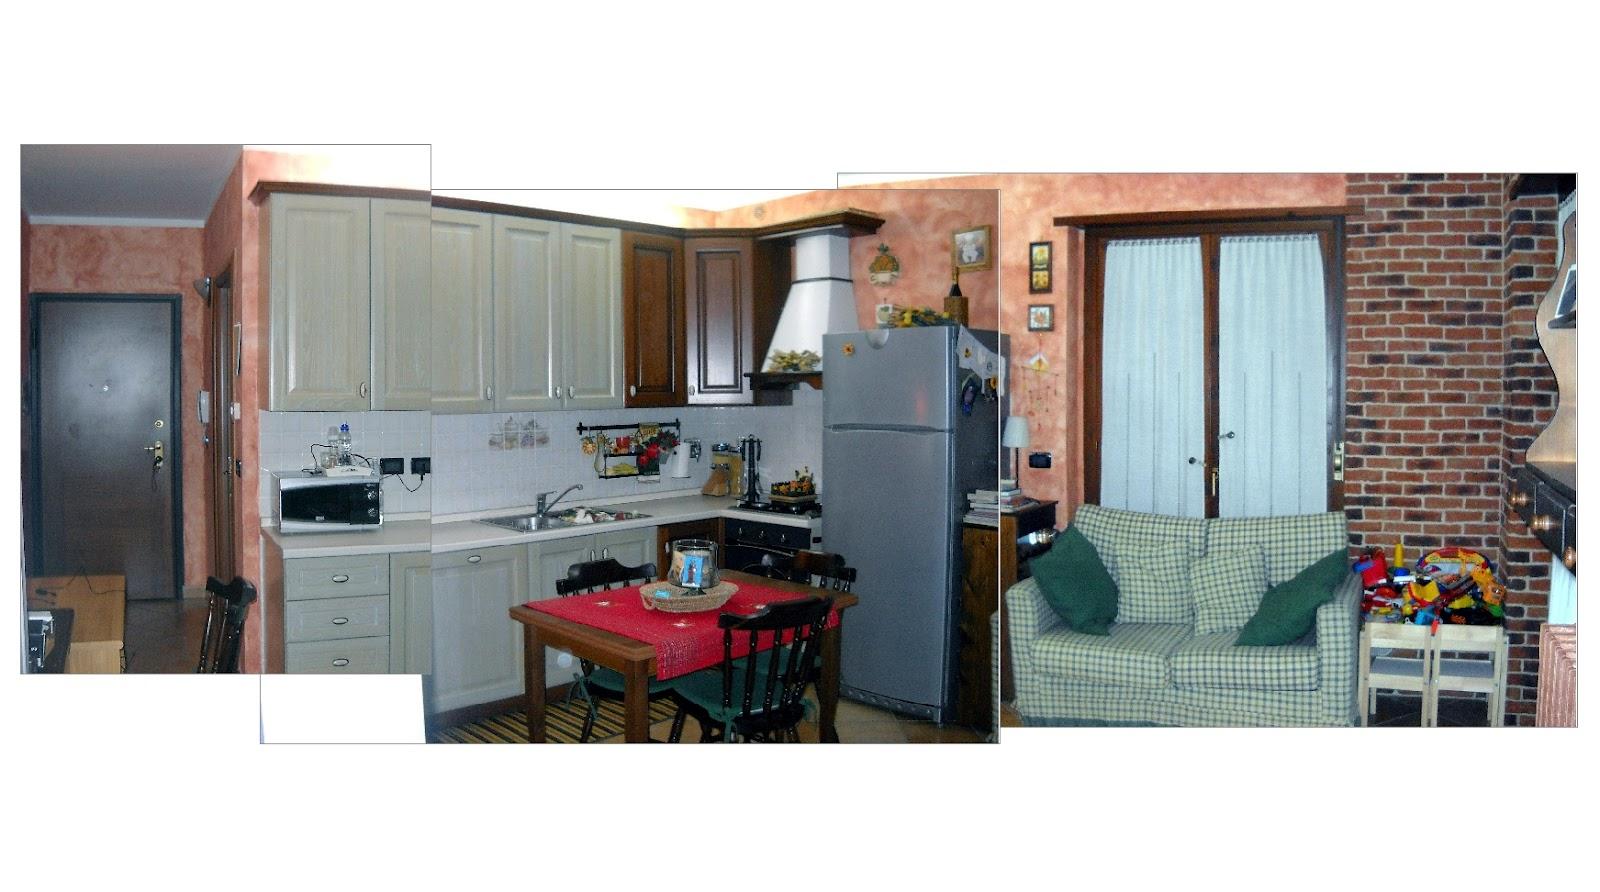 Soggiorno E Cucina Insieme: Cucina Open Space (foto 4/40) Tempo Libero  #936038 1600 892 Come Arredare Cucina Soggiorno Di 20 Mq